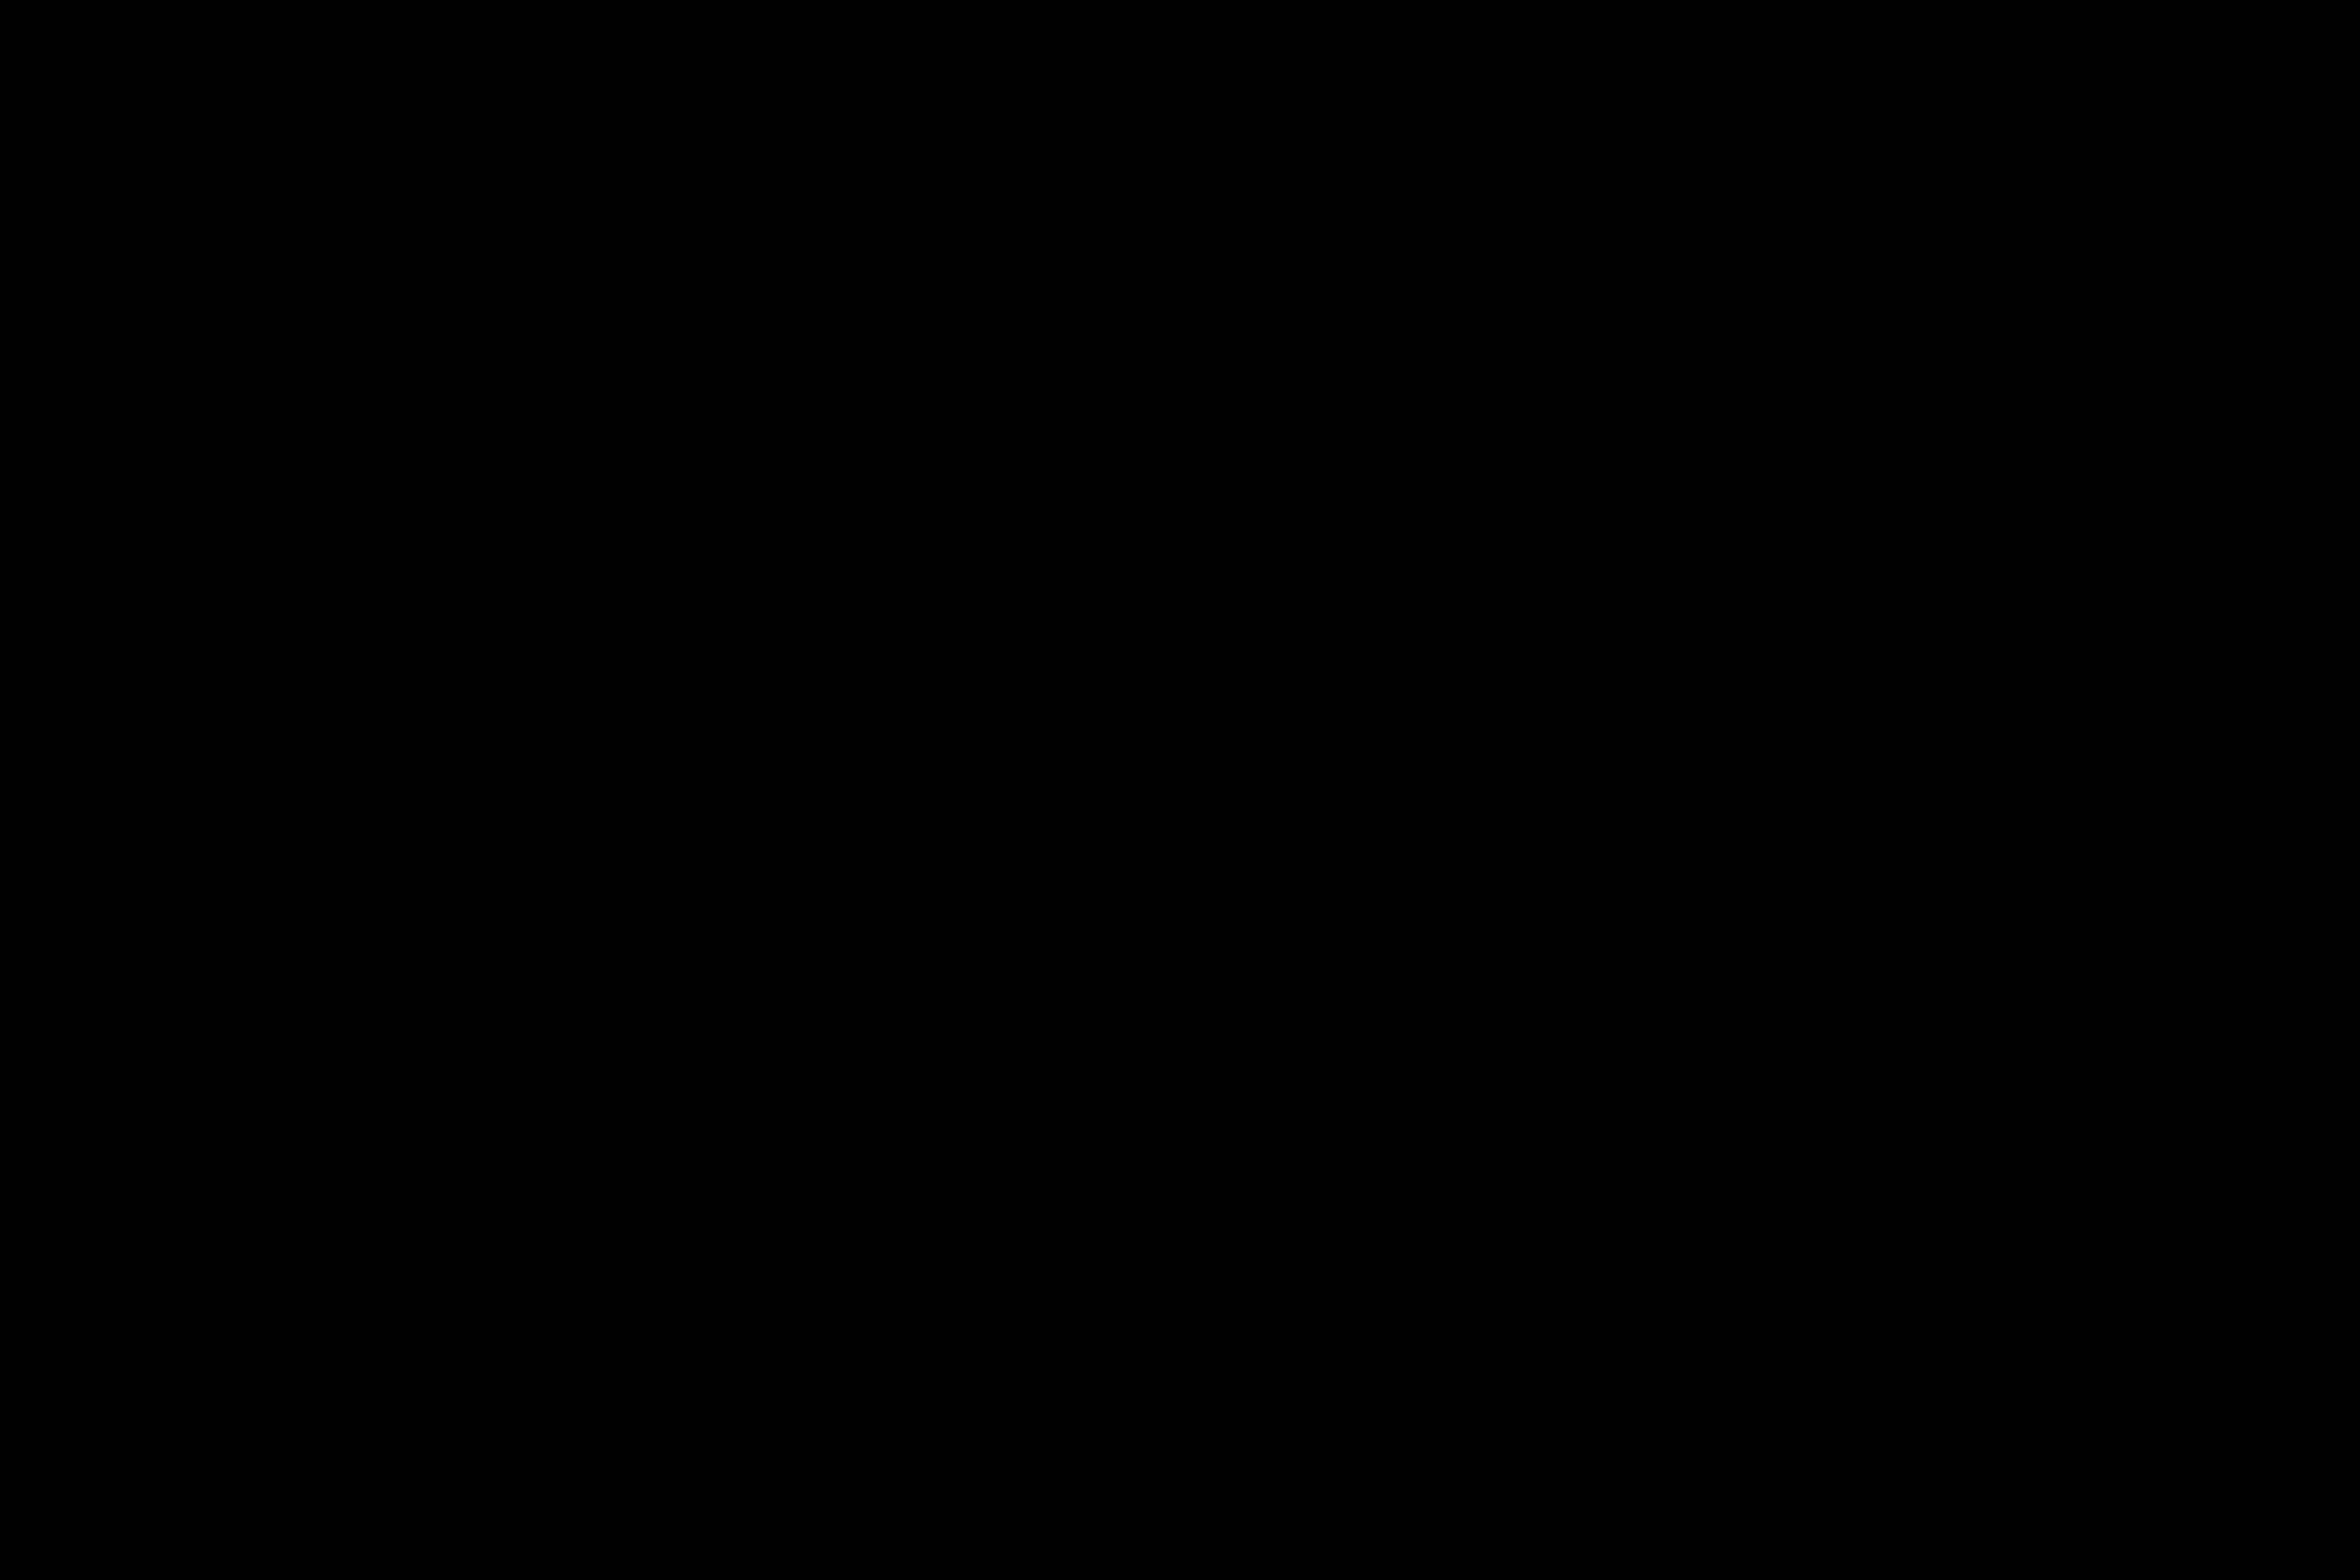 Herzlichkeit-Photography-black-high-res